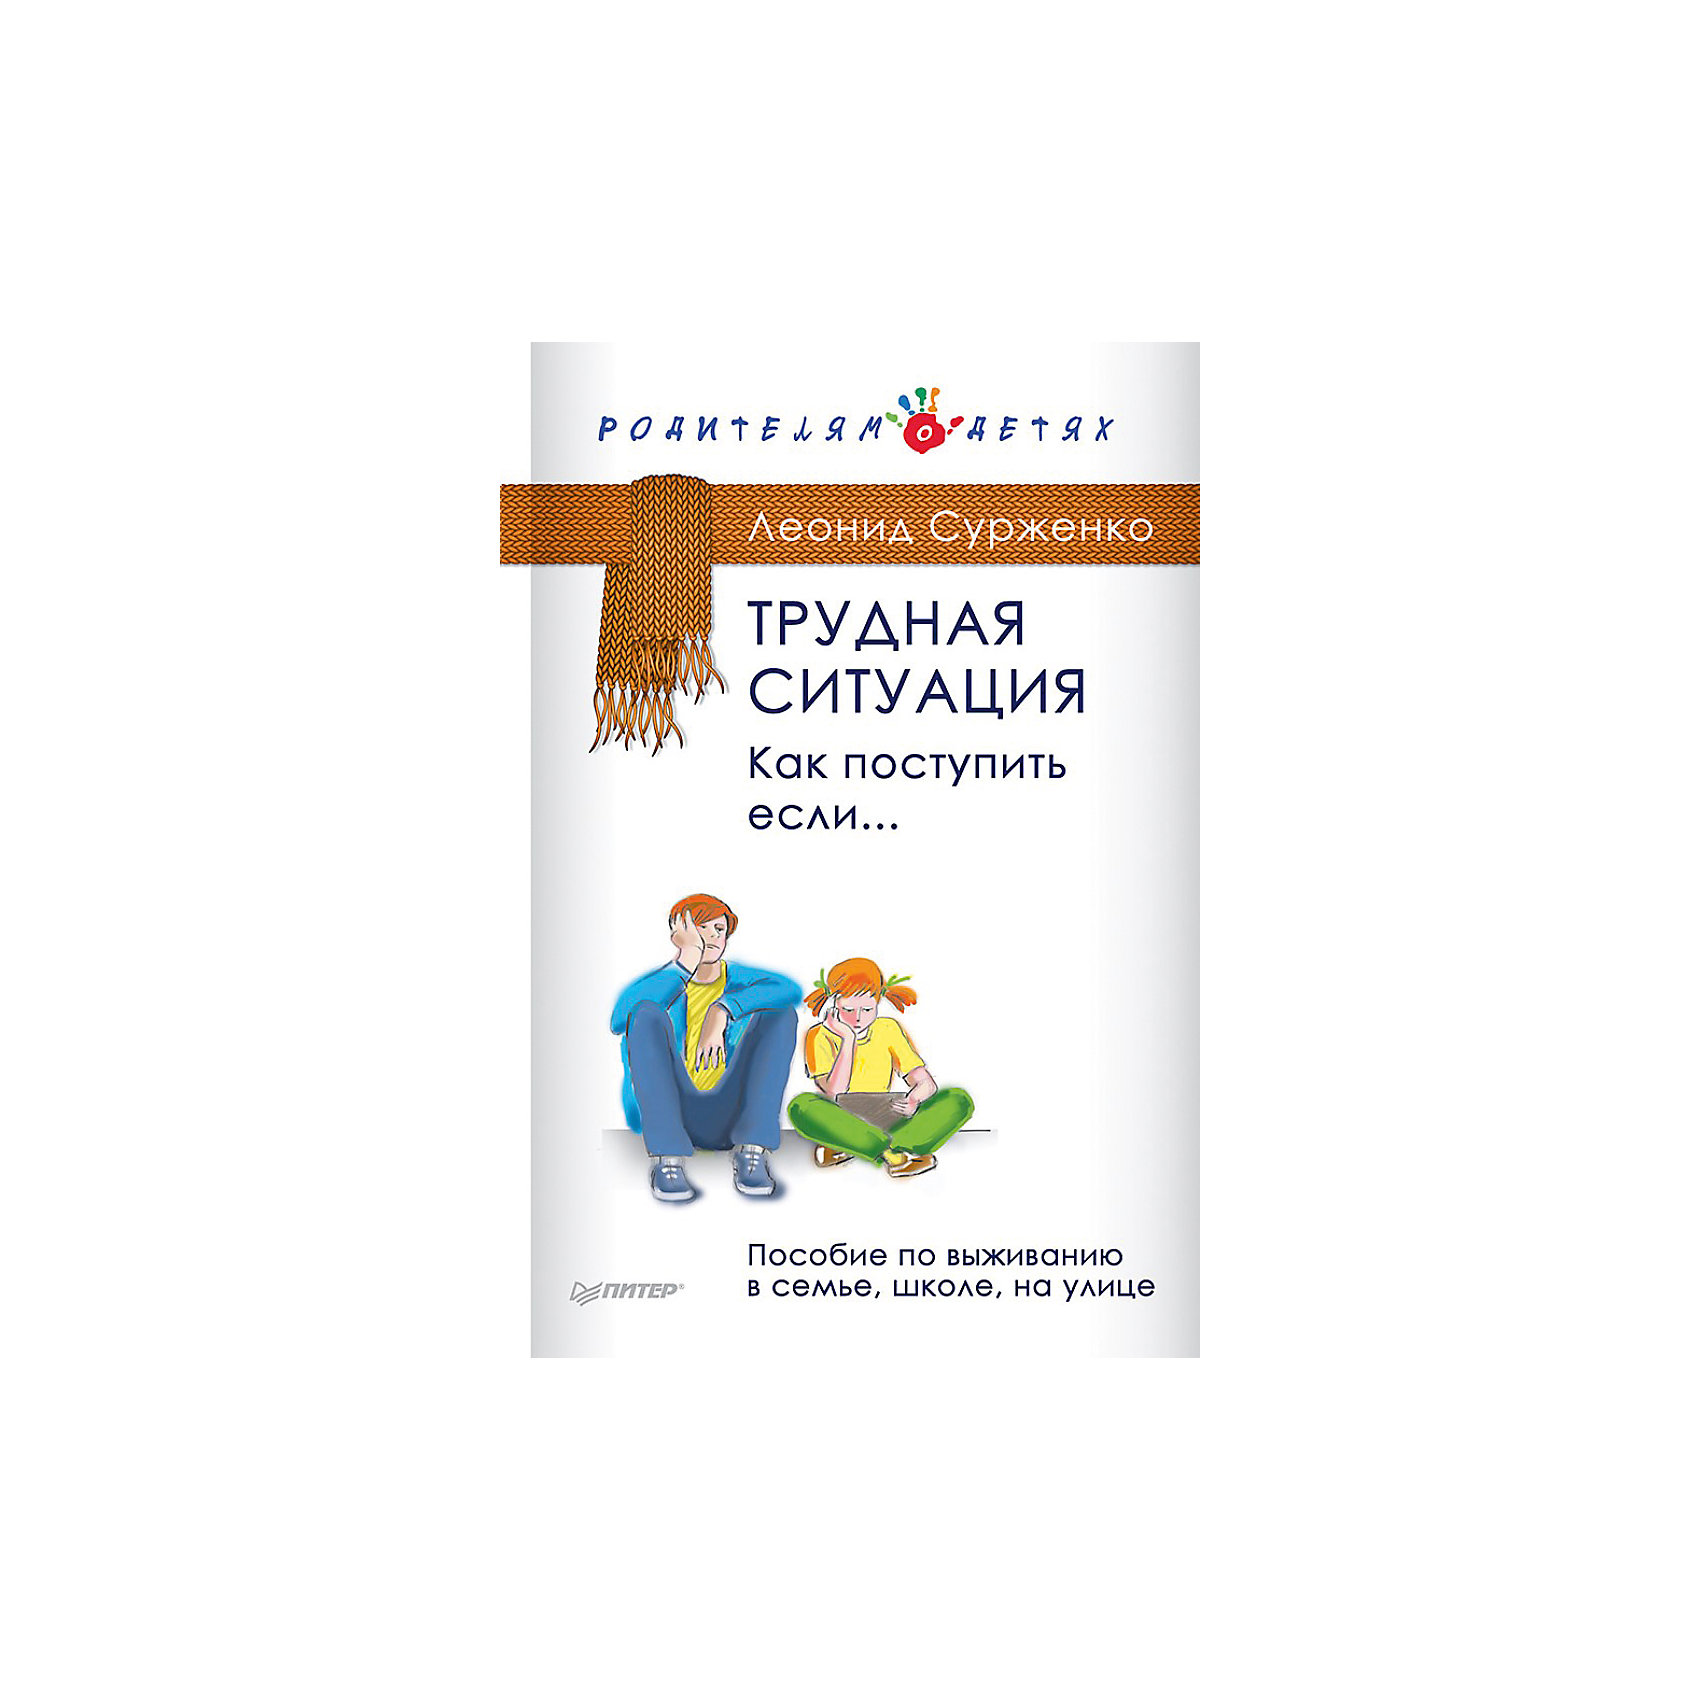 Книга Трудная ситуация. Как поступить, если... Пособие по выживанию в семье, школе, на улице (ПИТЕР)